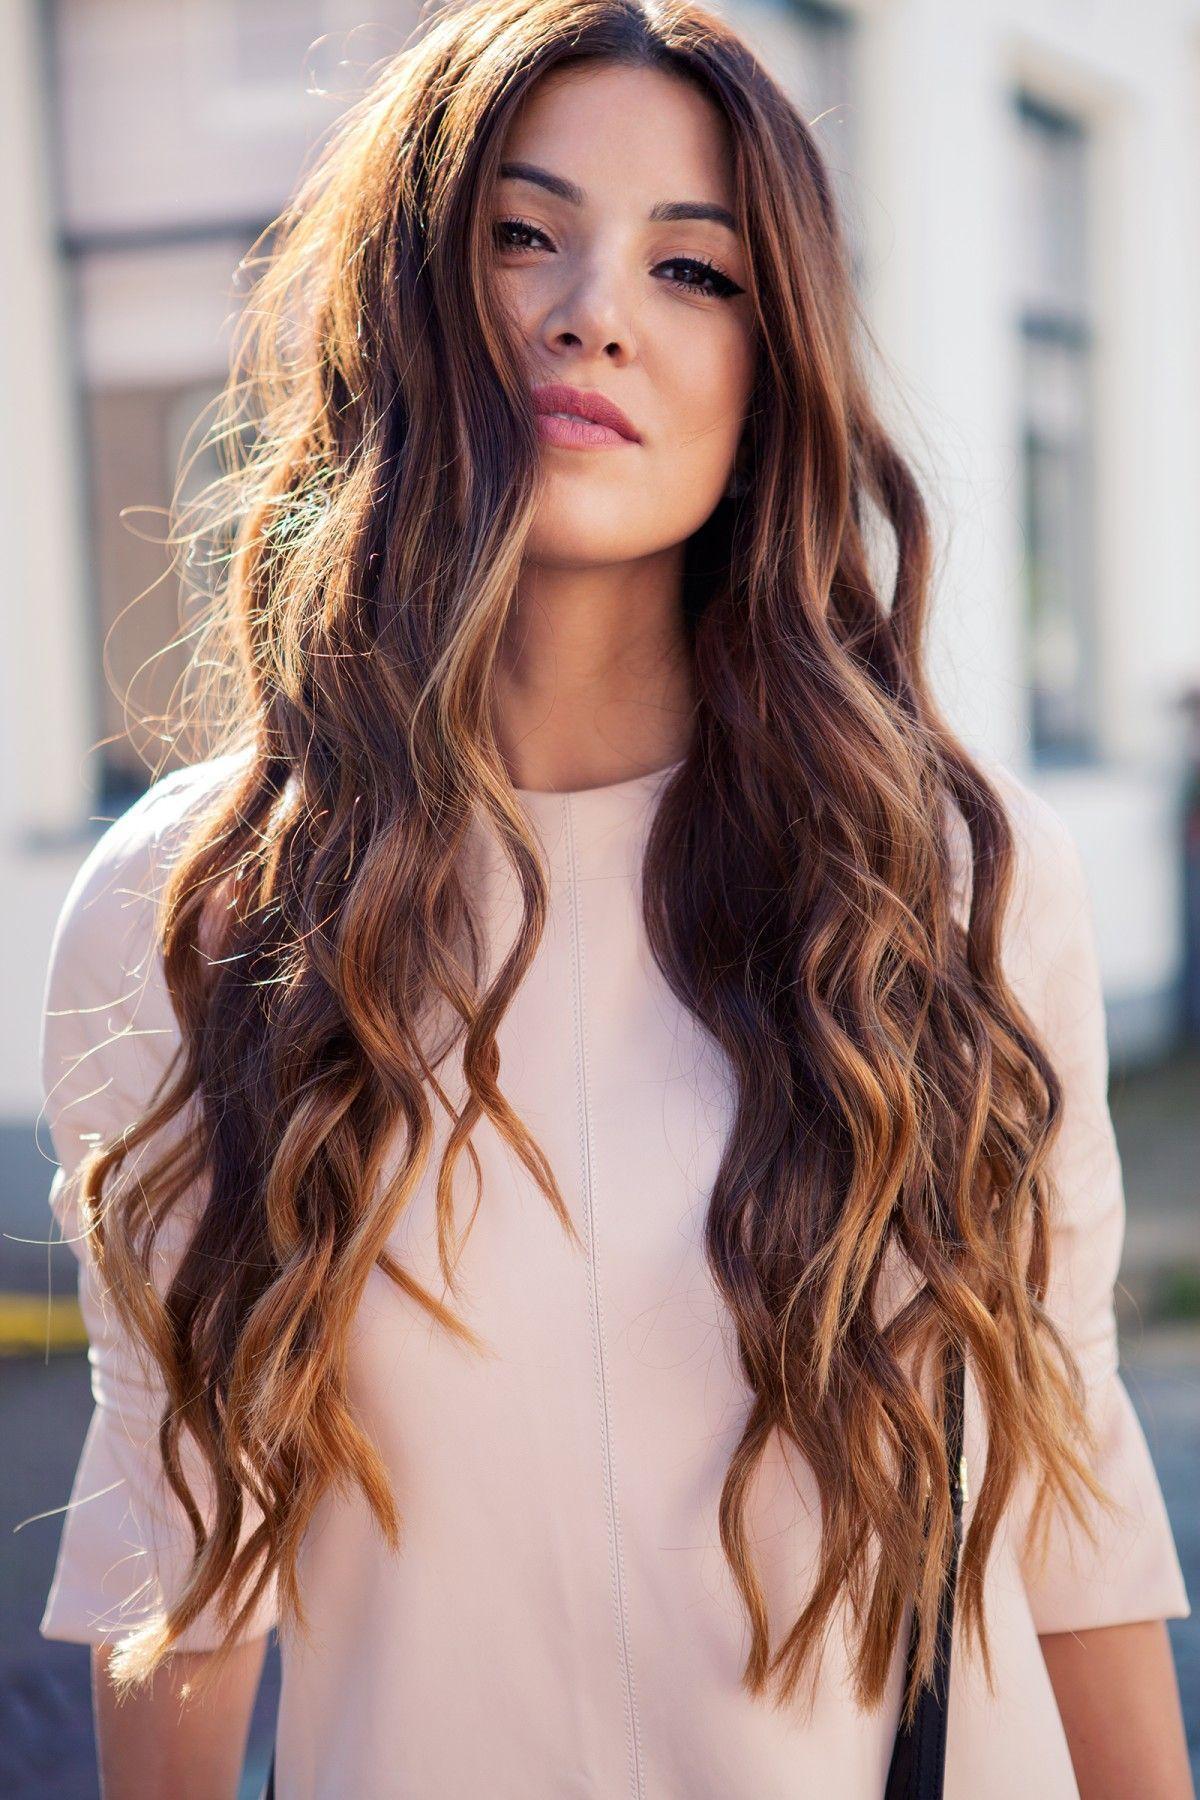 Frische Perfekte Frisur Für Mich Neue Haare Frisuren Pinterest